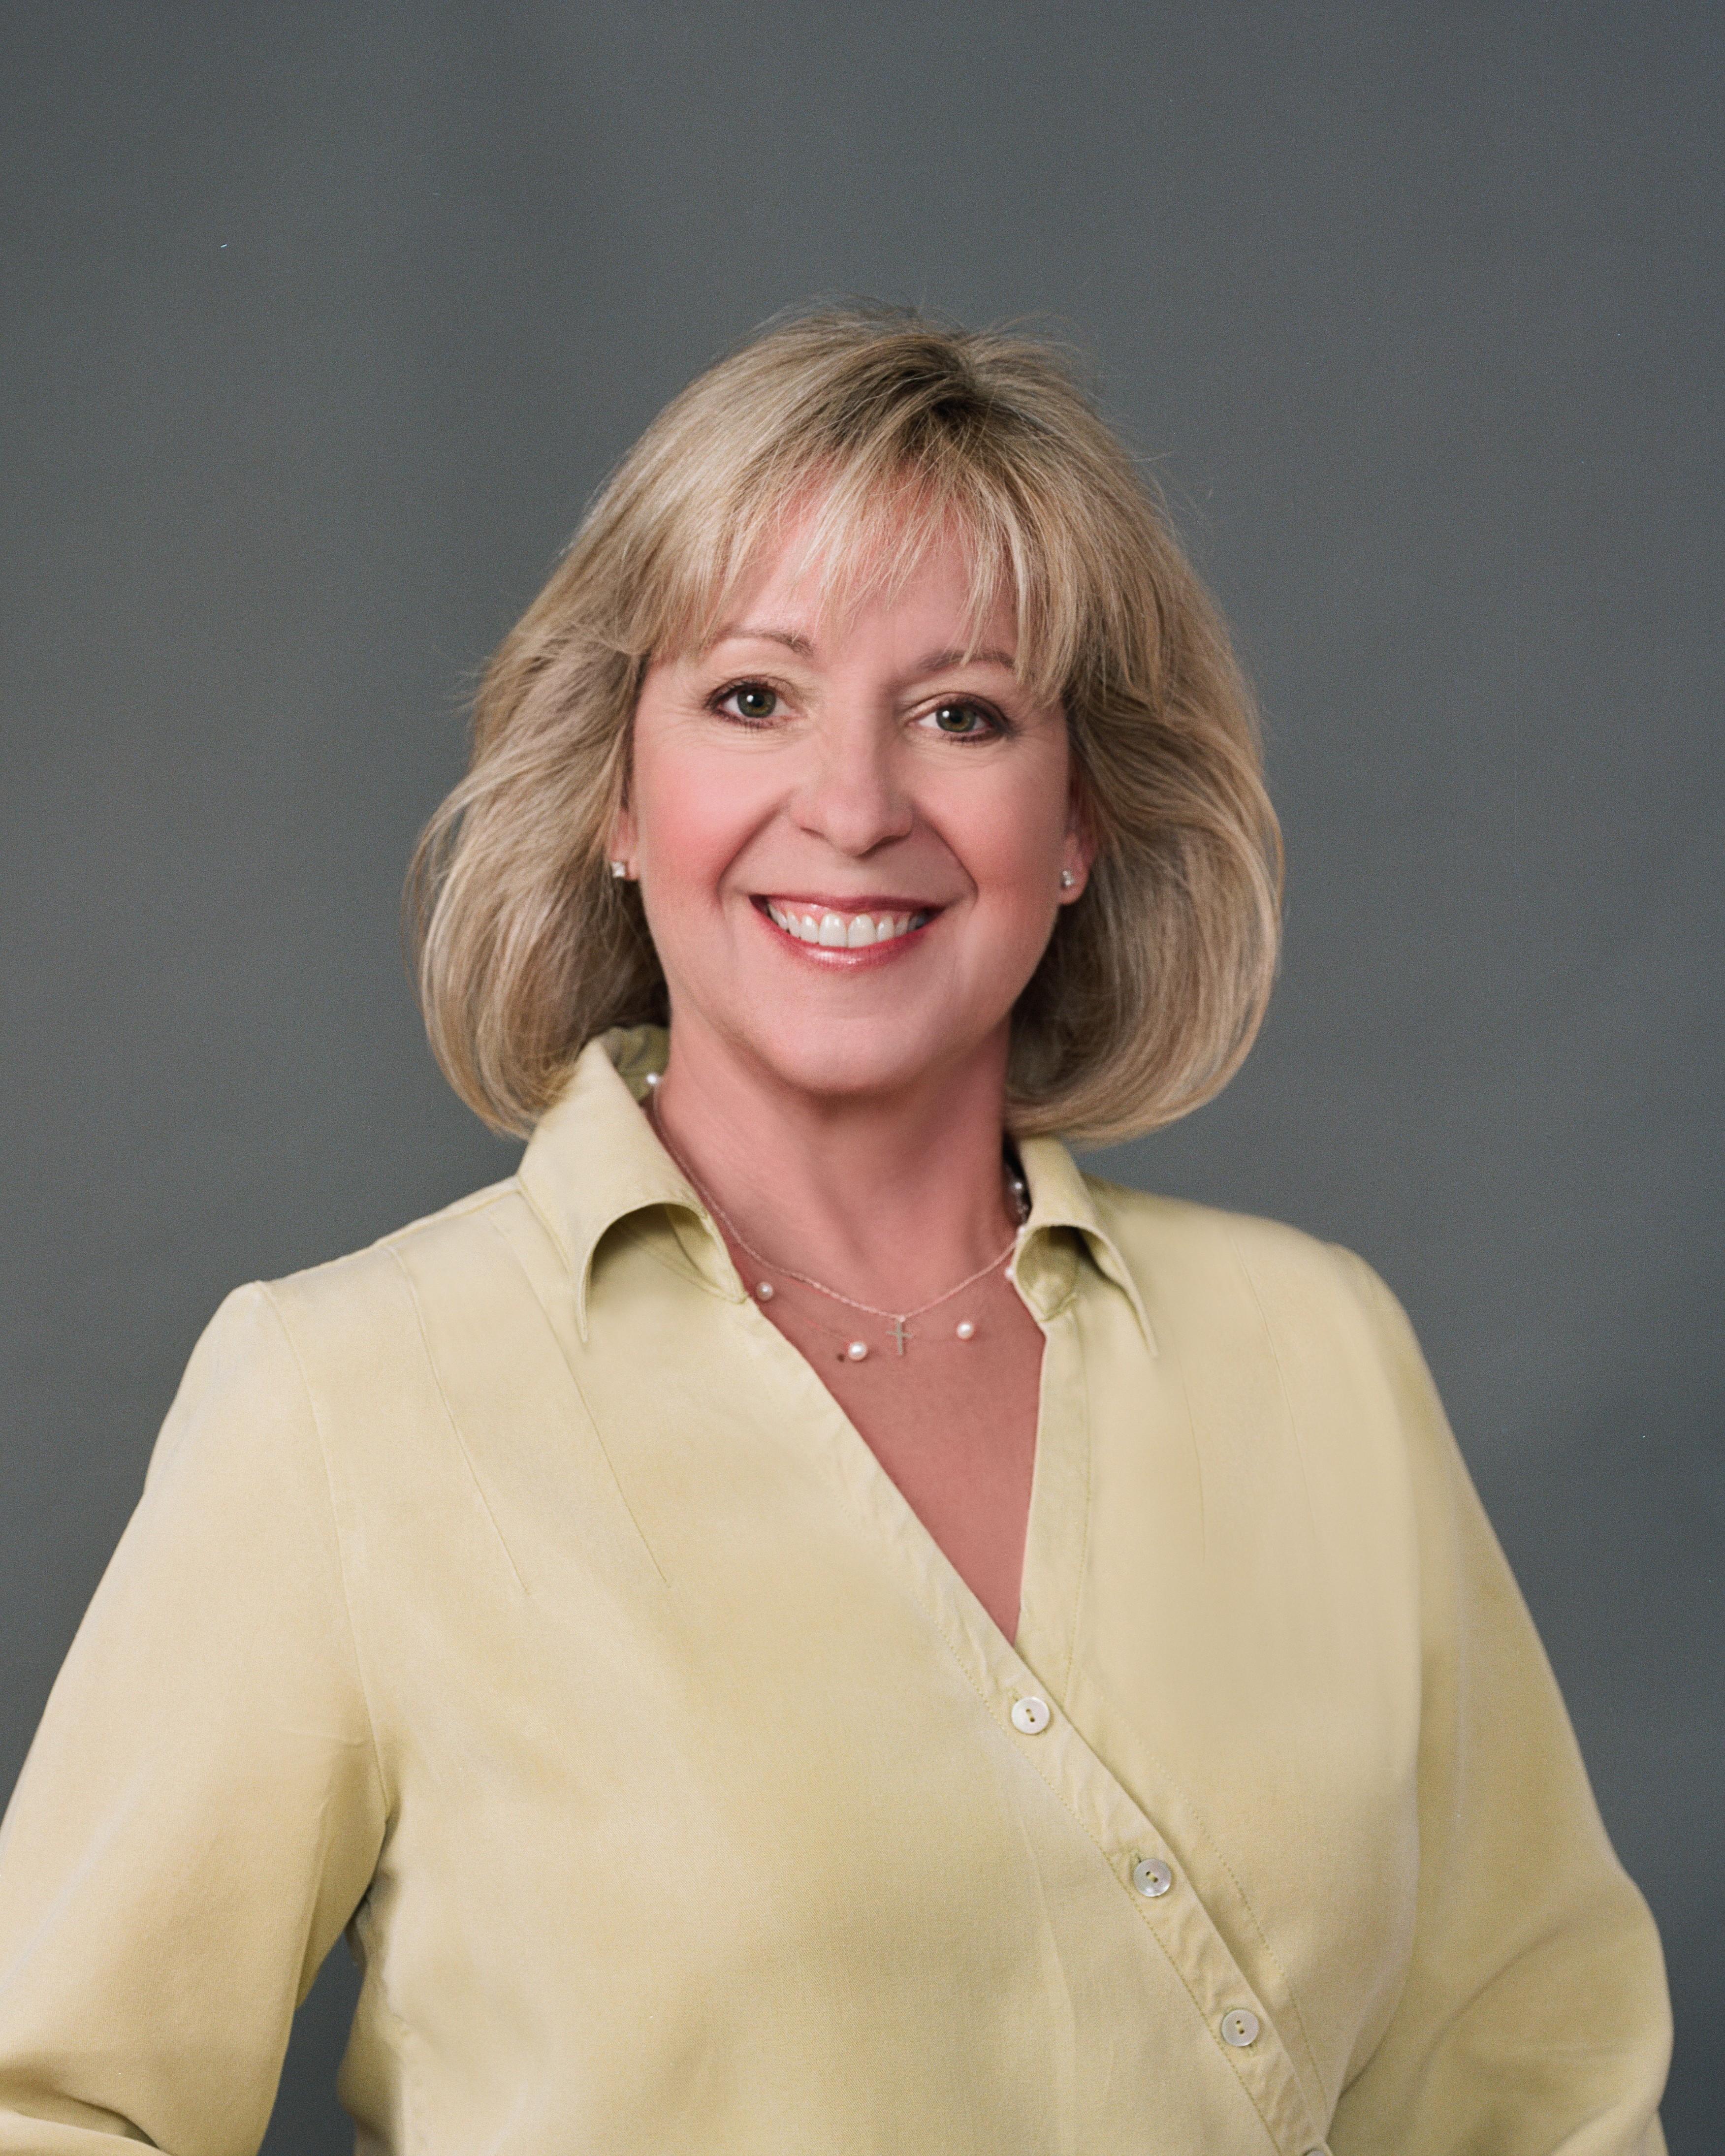 Jill A. Marsh